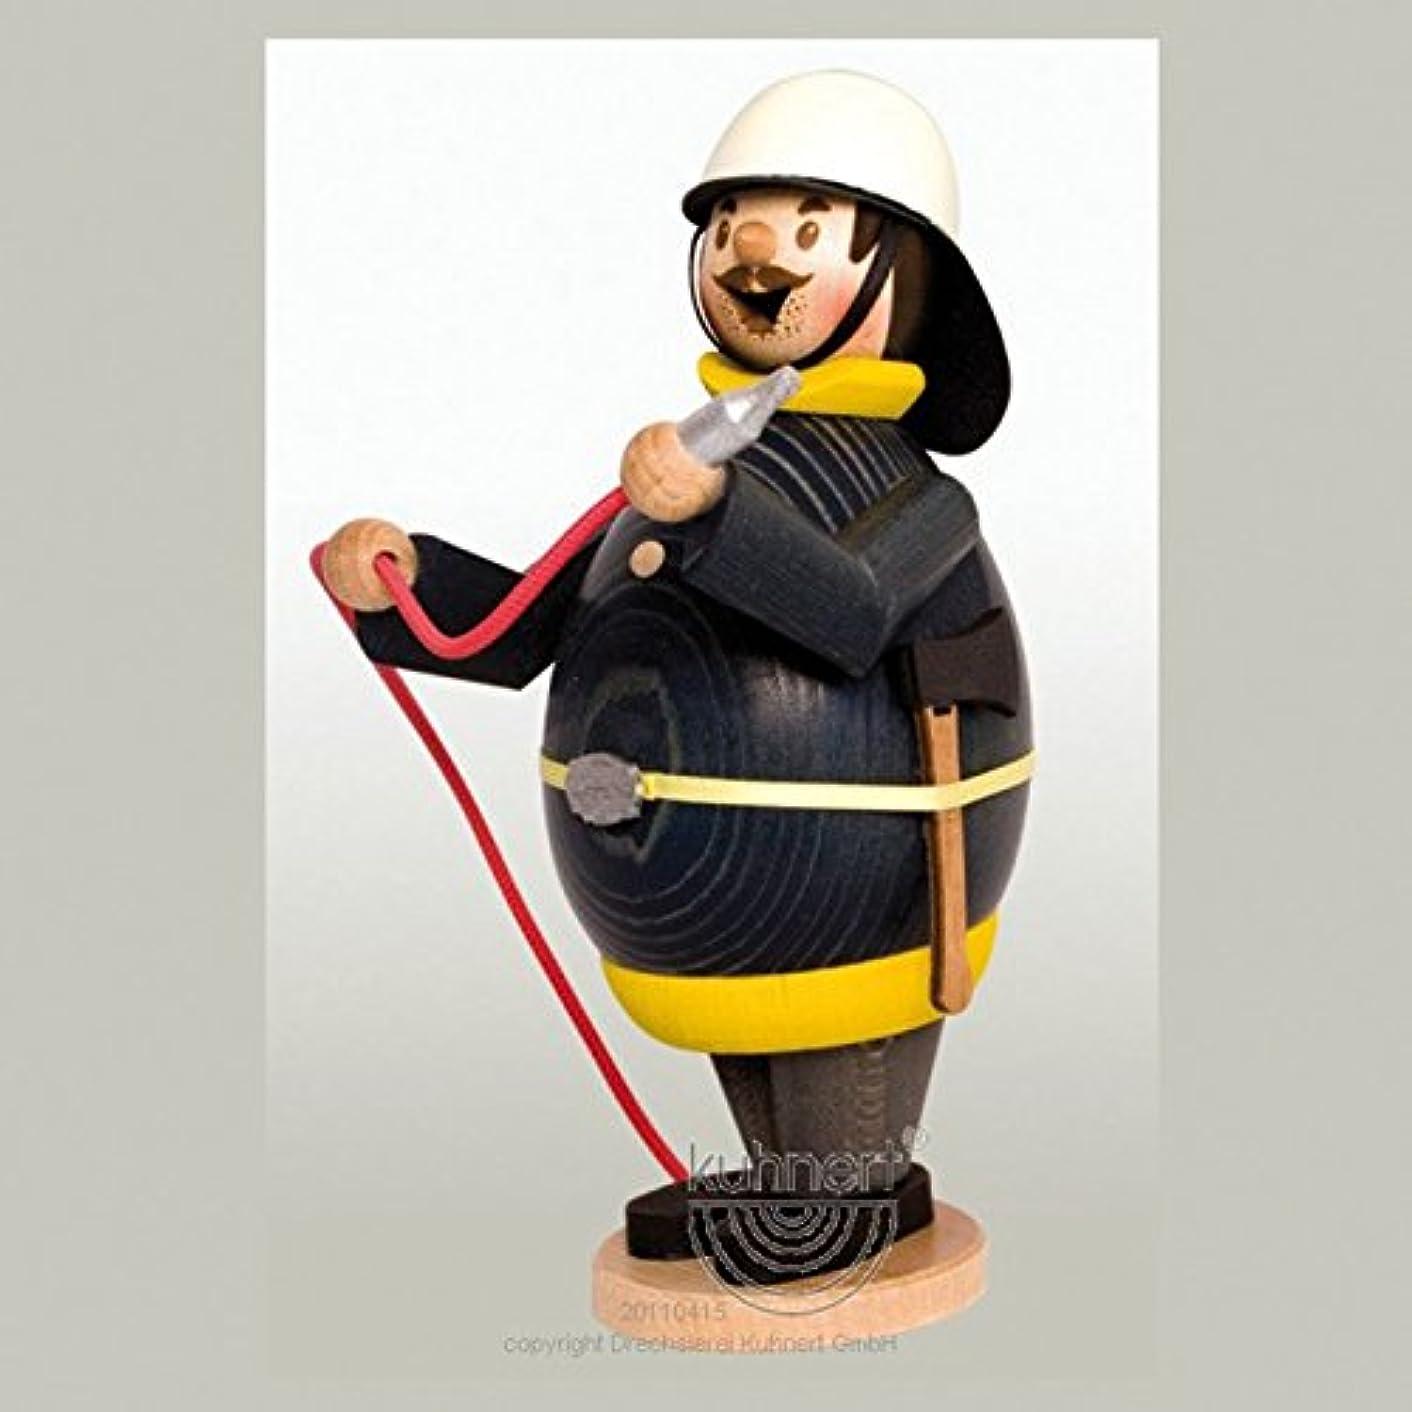 電信ジャンプ前書きHappy Max消防士ドイツ木製Incense Smoker手作りドイツエルツ山地